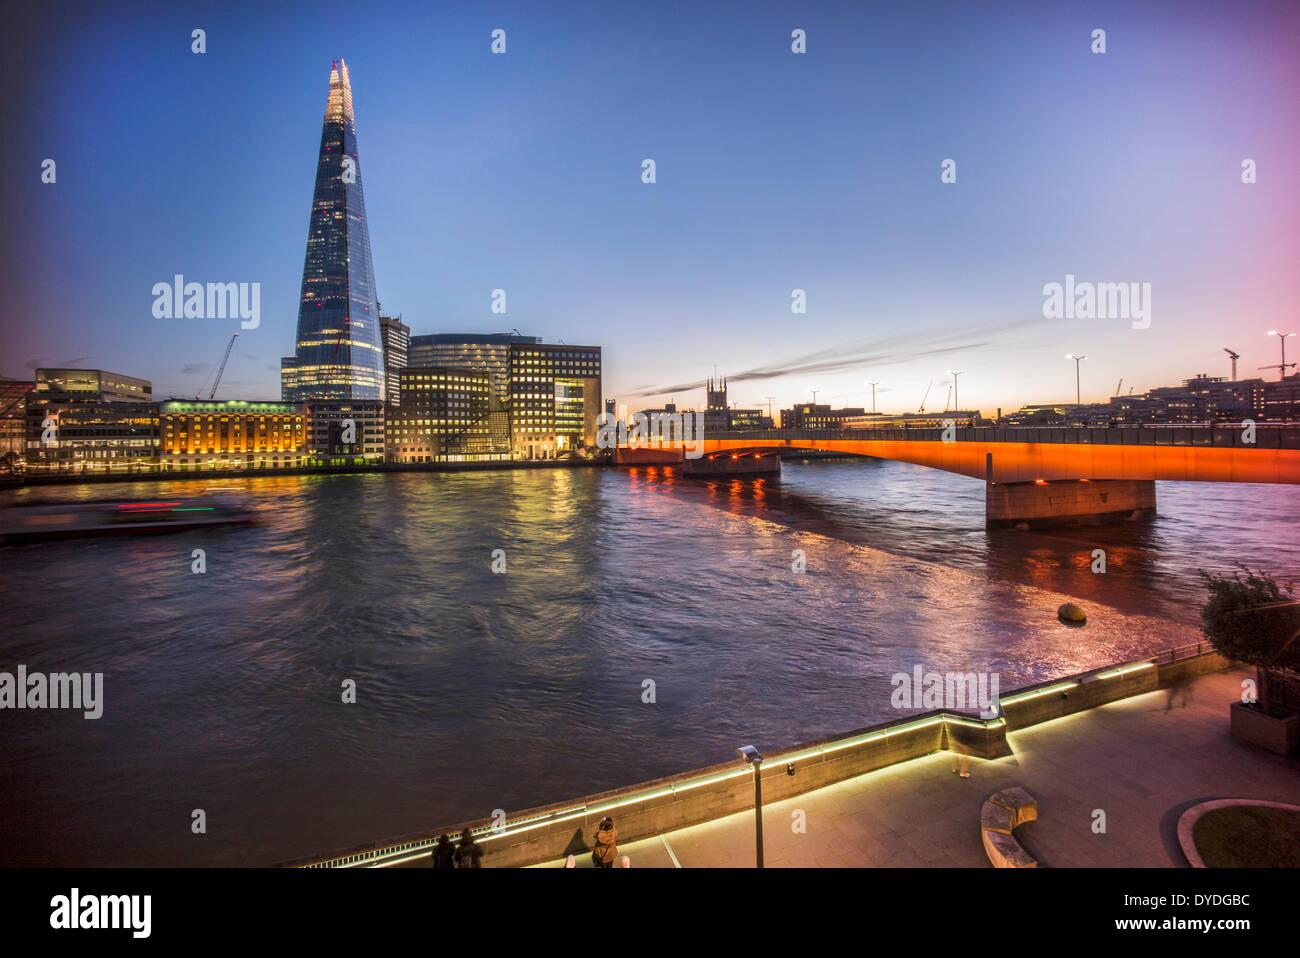 El Shard con la Catedral de Southwark y el Puente de Londres. Foto de stock